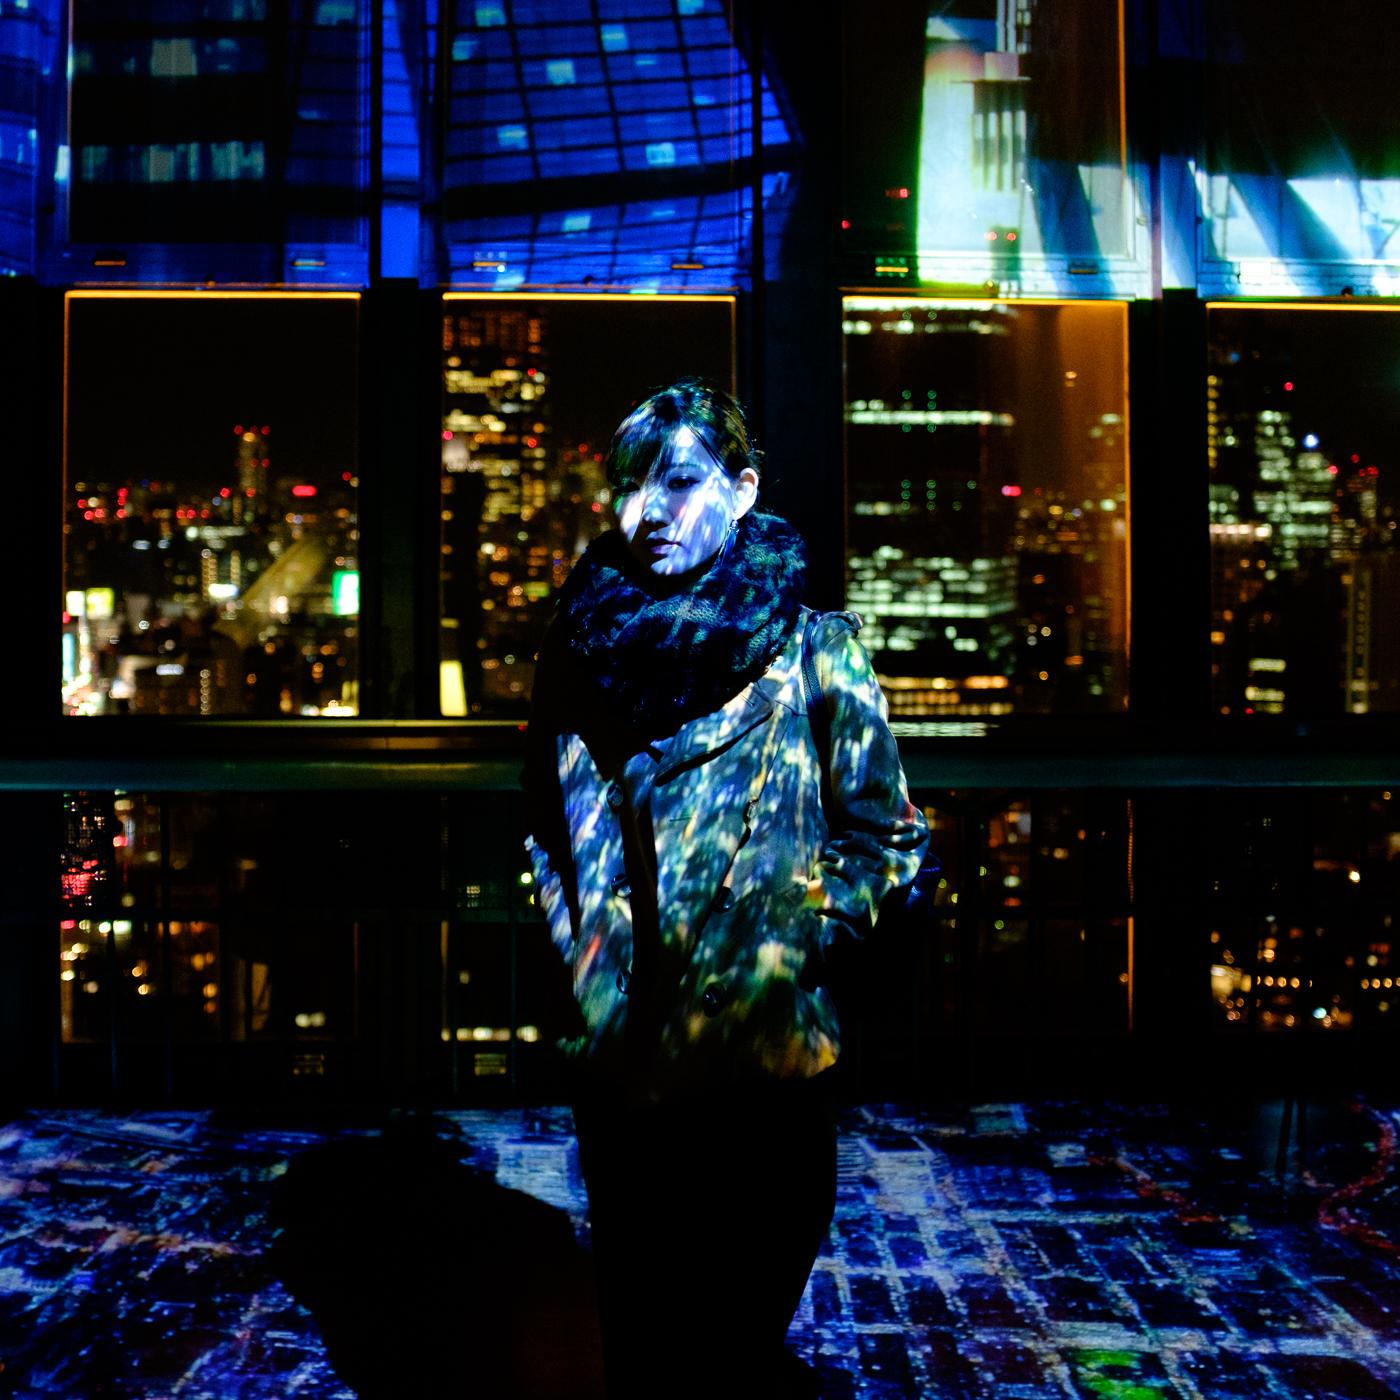 Portrait au sommet de la tour de Tokyo, en pleine nuit, au milieux des lumières de la ville